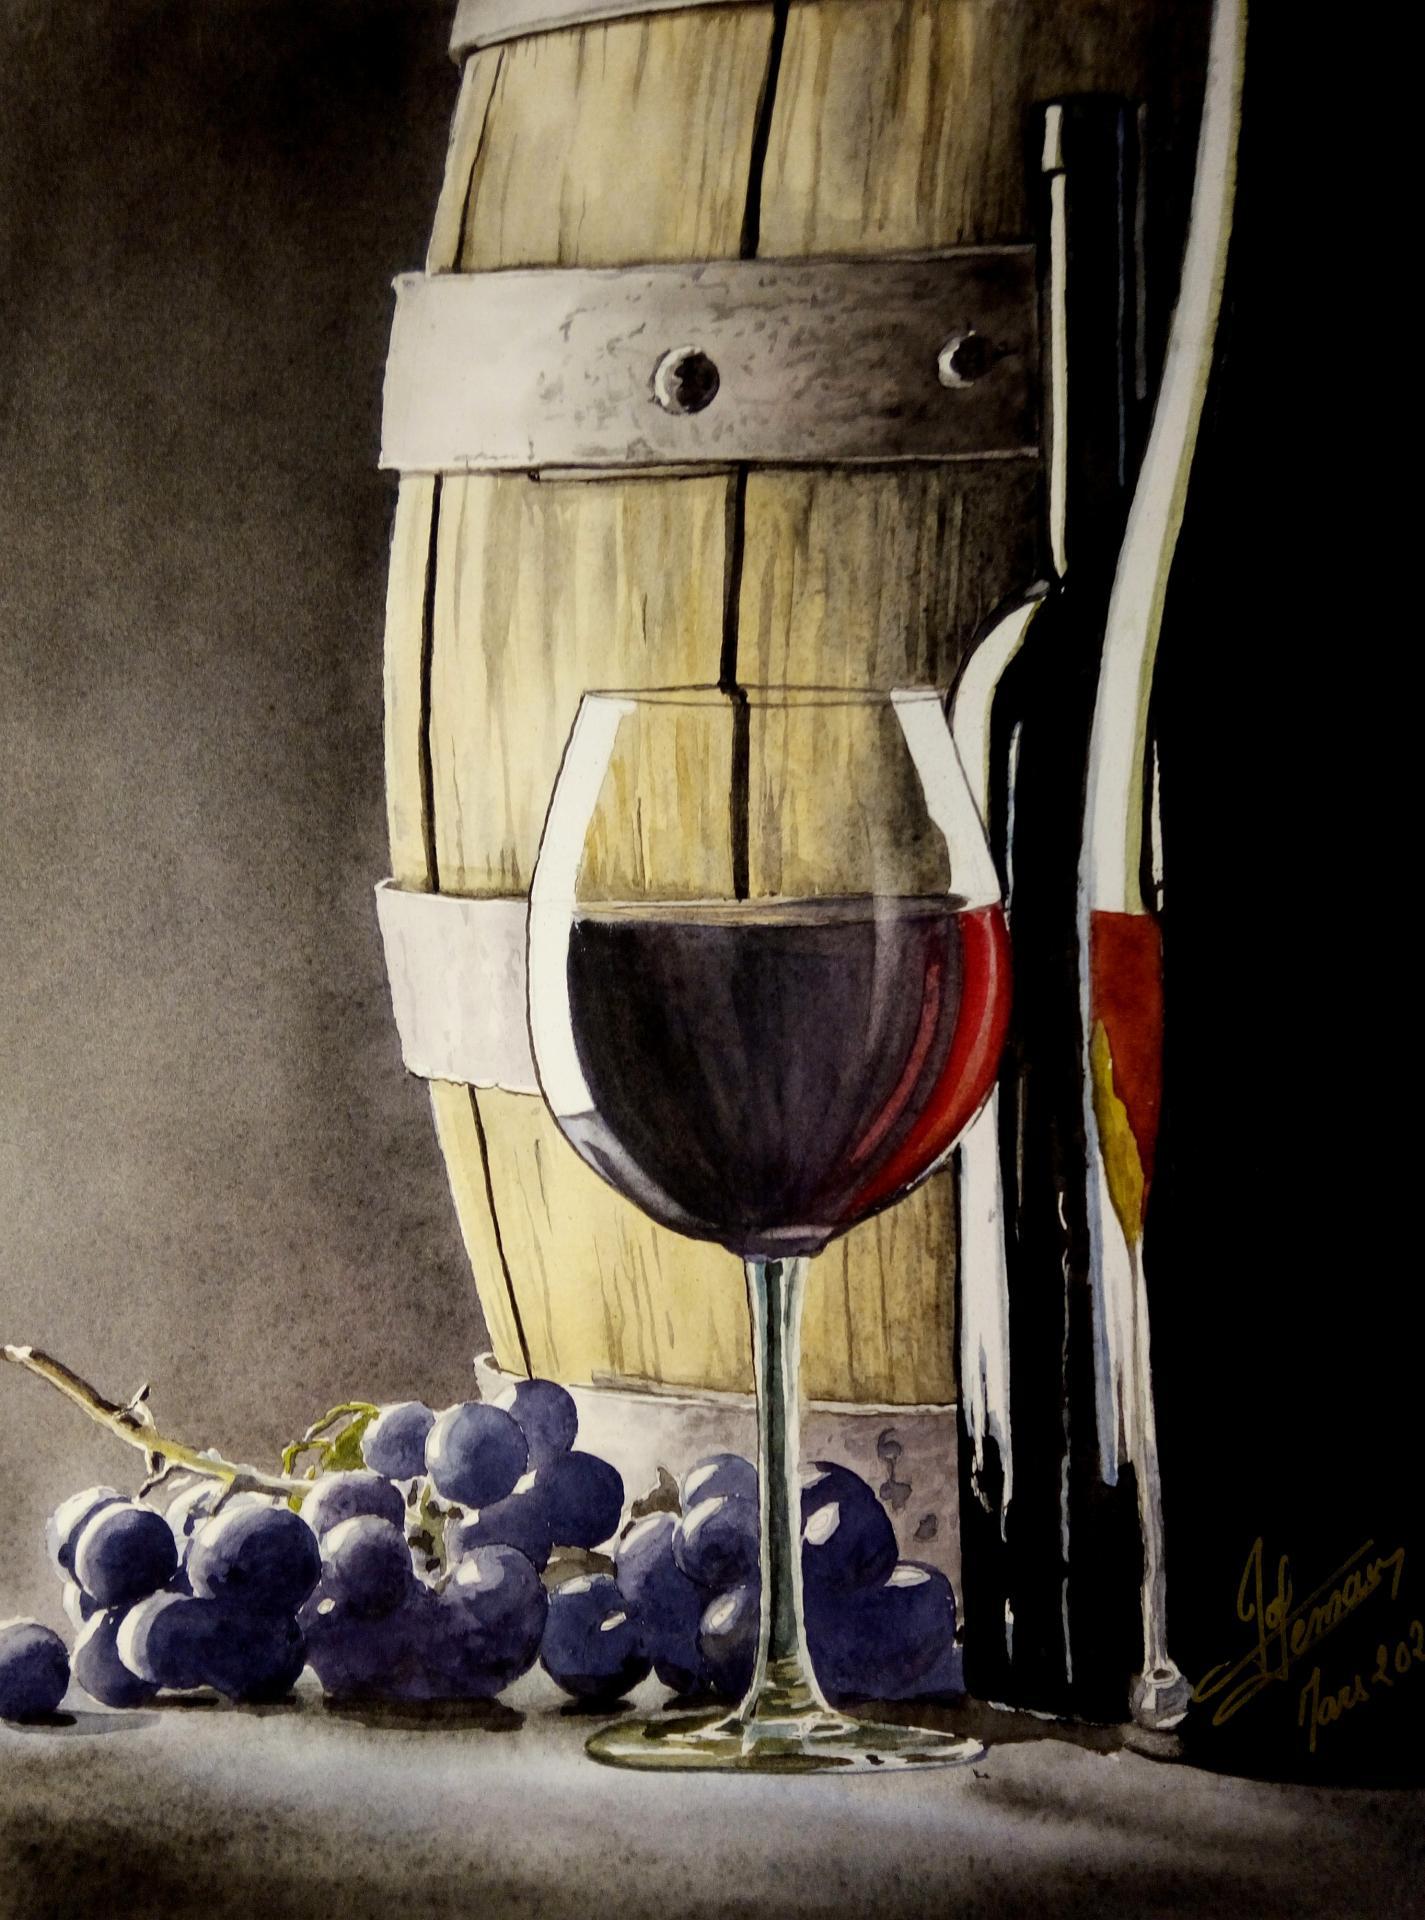 St Malo Fil Rouge terre neuvas 2020 capelans epaule barrique , raisin et vin vin